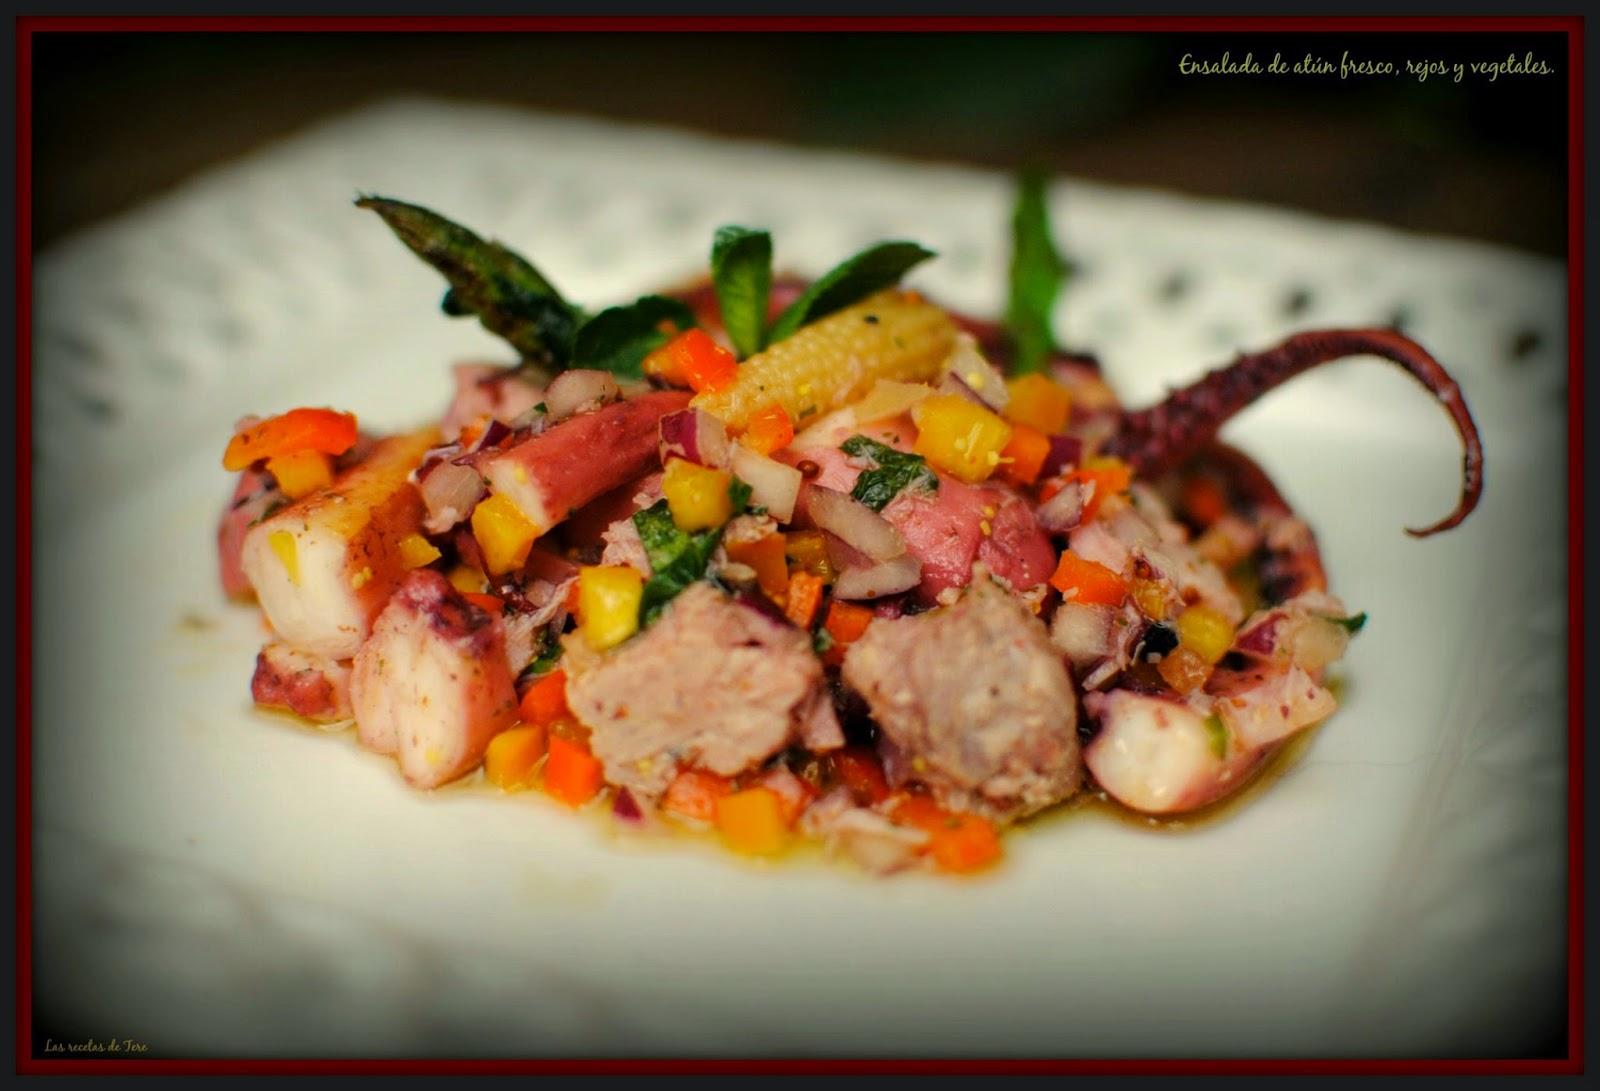 ensalada de atún fresco rejos y vegetales tererecetas 04